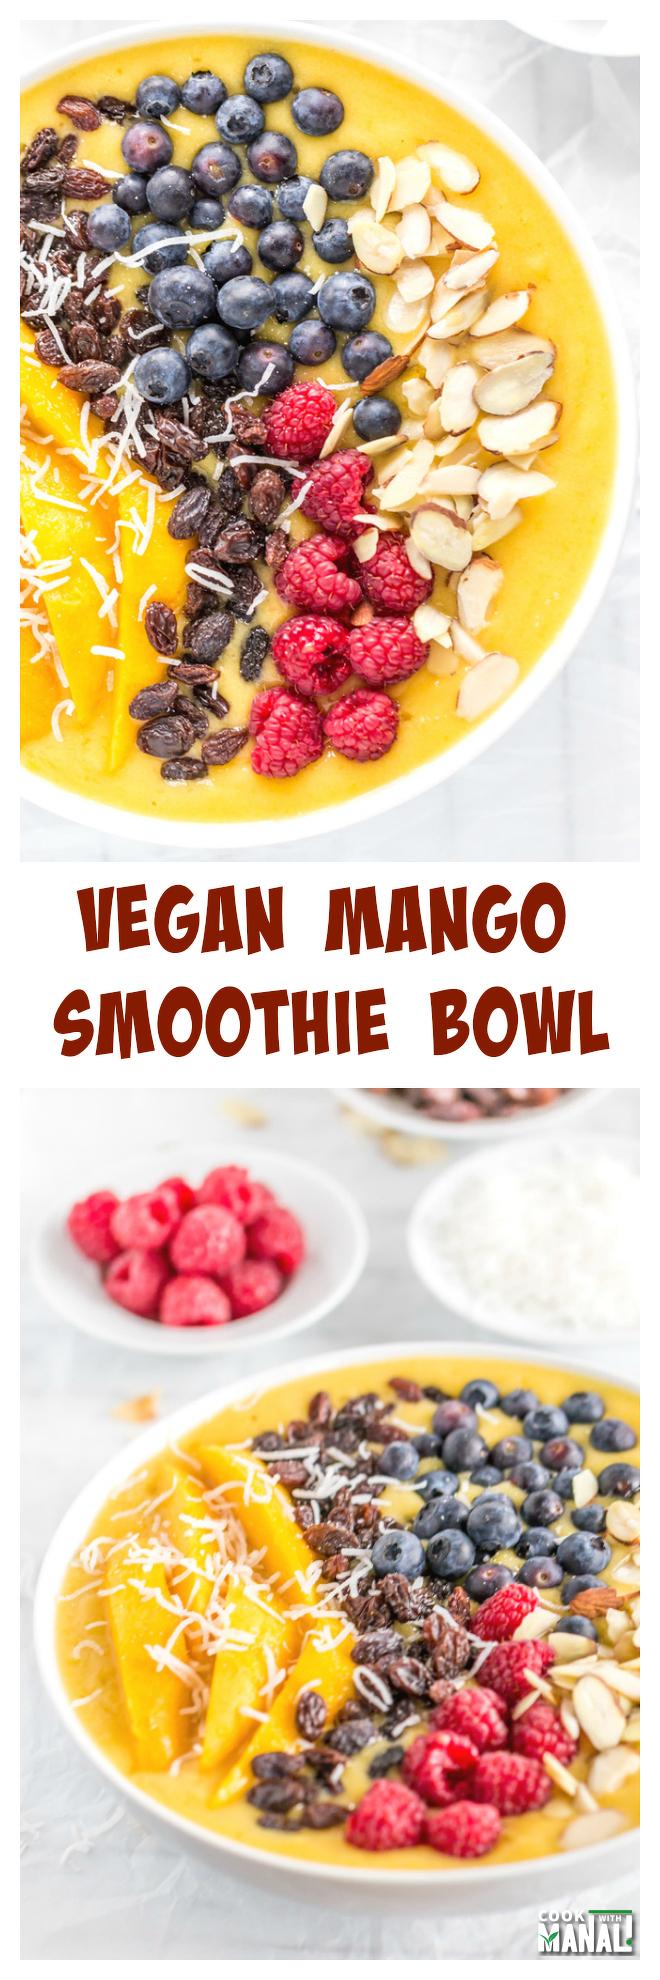 Vegan Mango Smoothie Bowl Collage